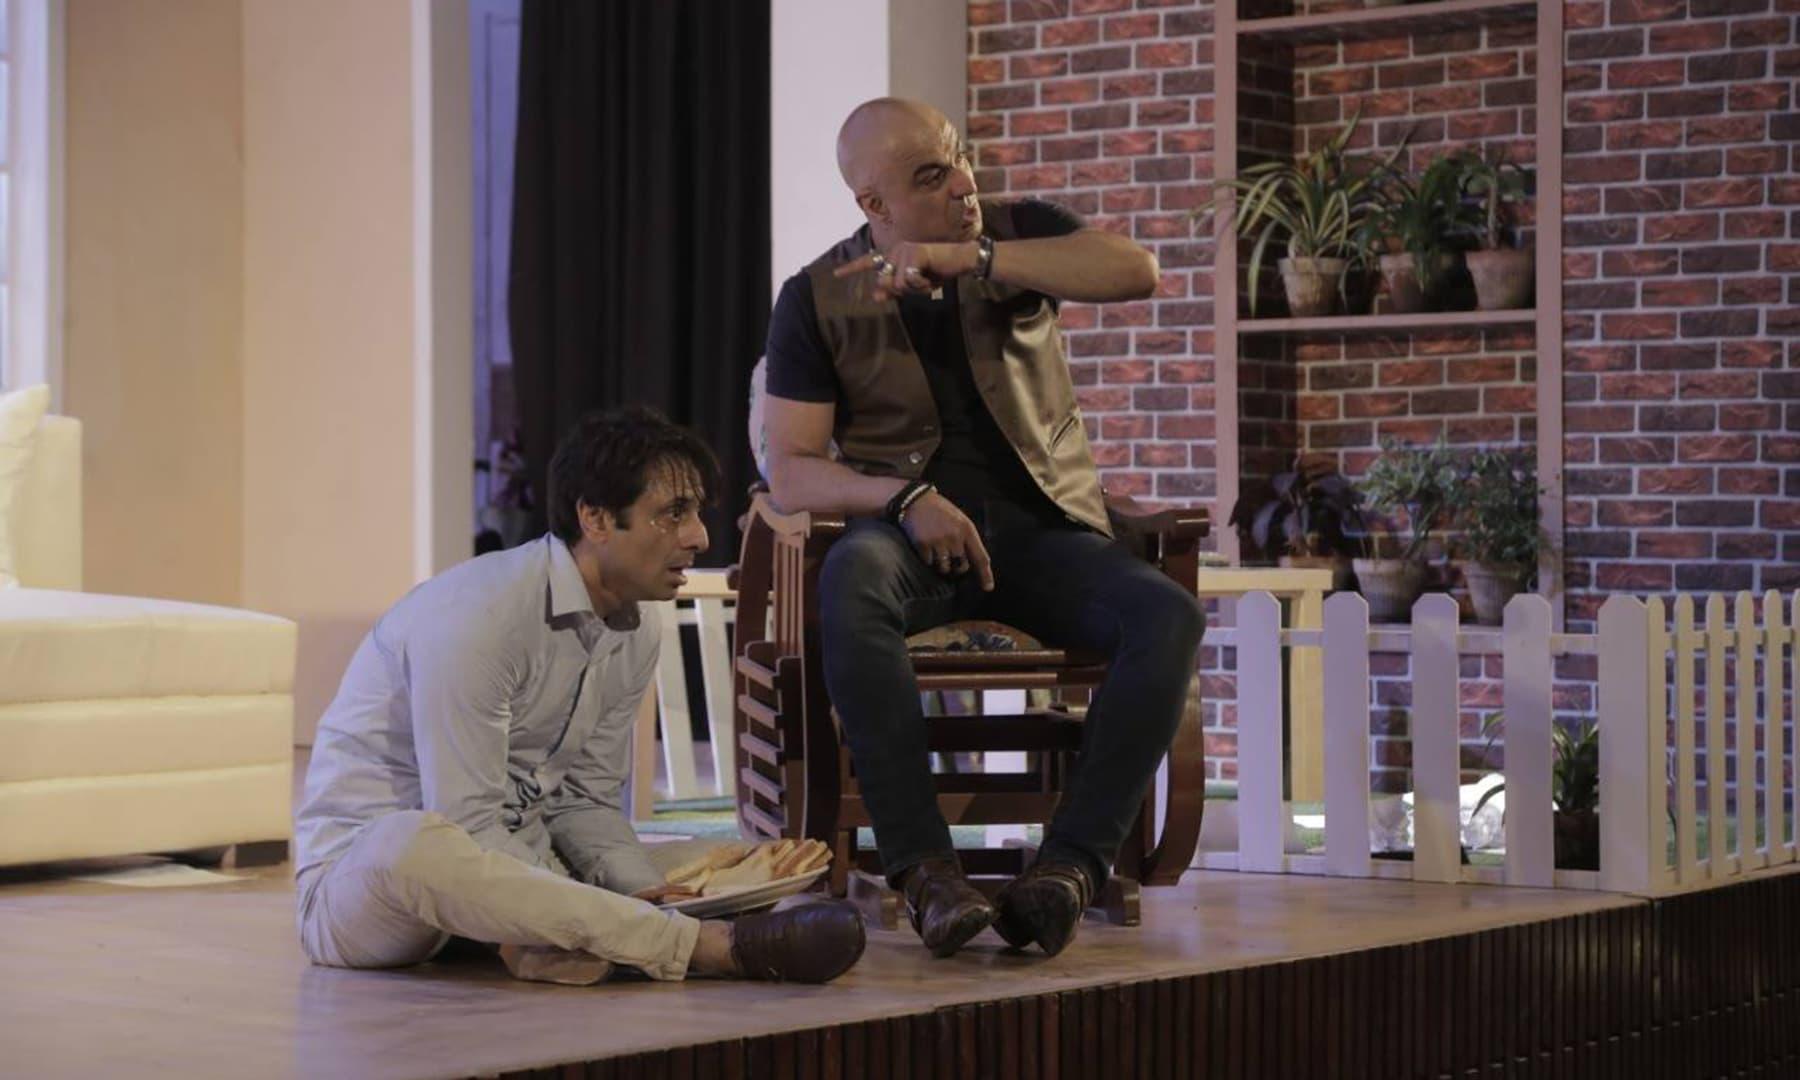 'بھائی بھائی' کی کہانی اور مزاج پاکستان میں پیش کیے جانے والے تھیٹر کے کھیلوں سے ذرا مختلف تھا